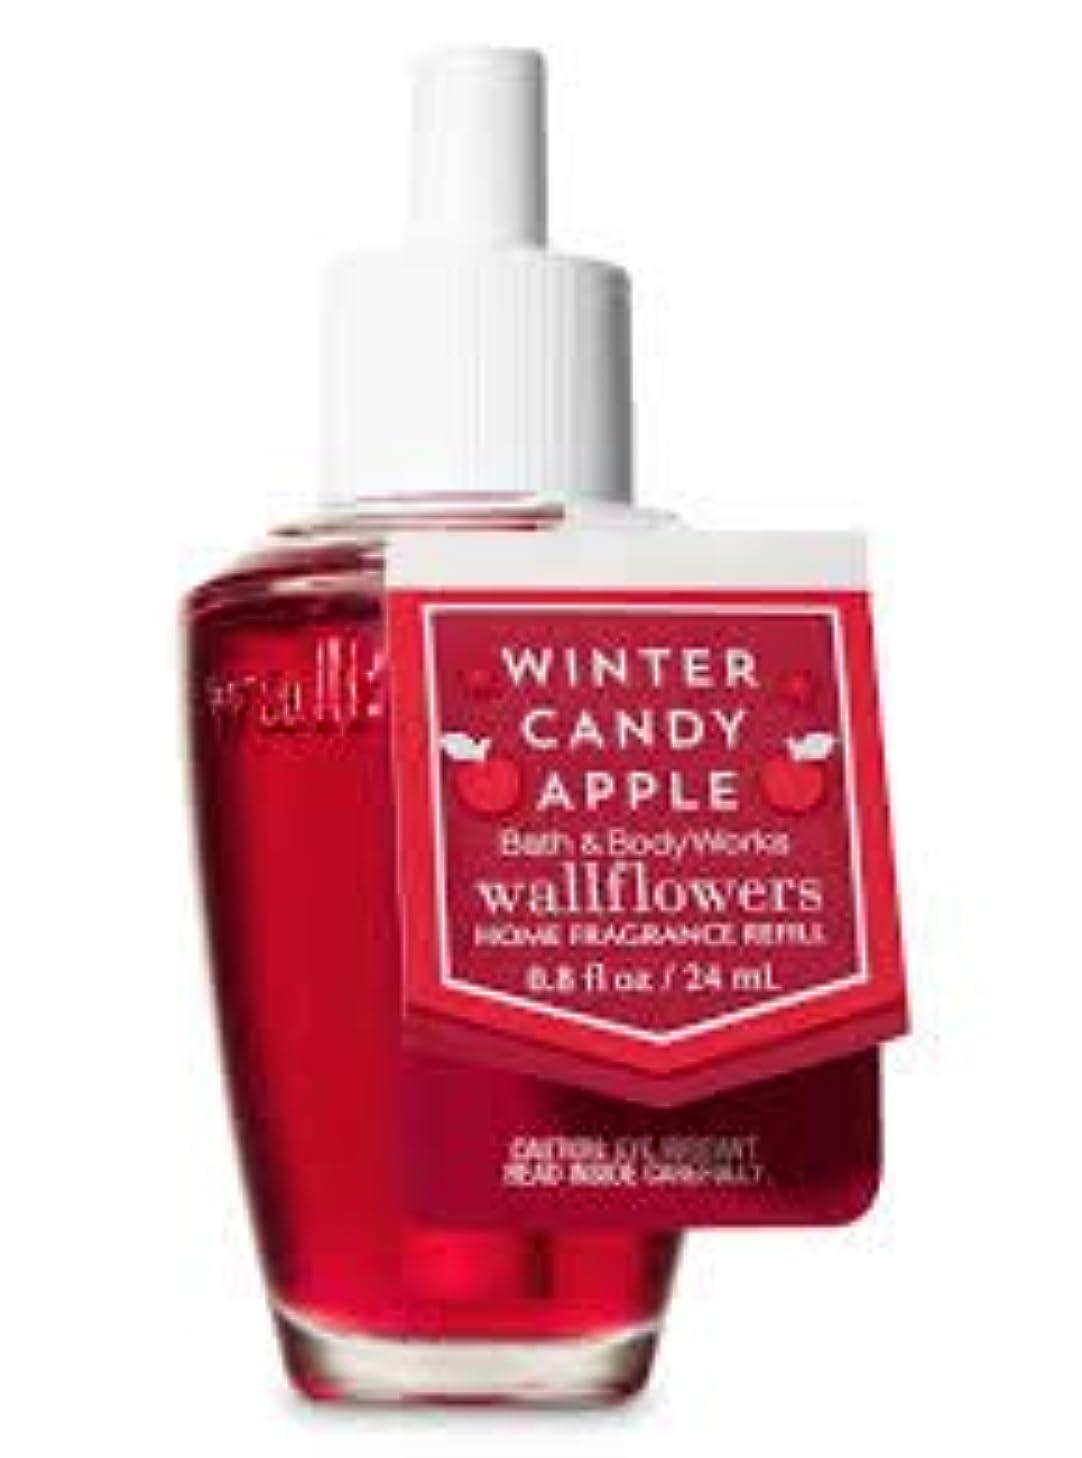 篭既婚伝導率【Bath&Body Works/バス&ボディワークス】 ルームフレグランス 詰替えリフィル ウィンターキャンディアップル Wallflowers Home Fragrance Refill Winter Candy Apple [並行輸入品]